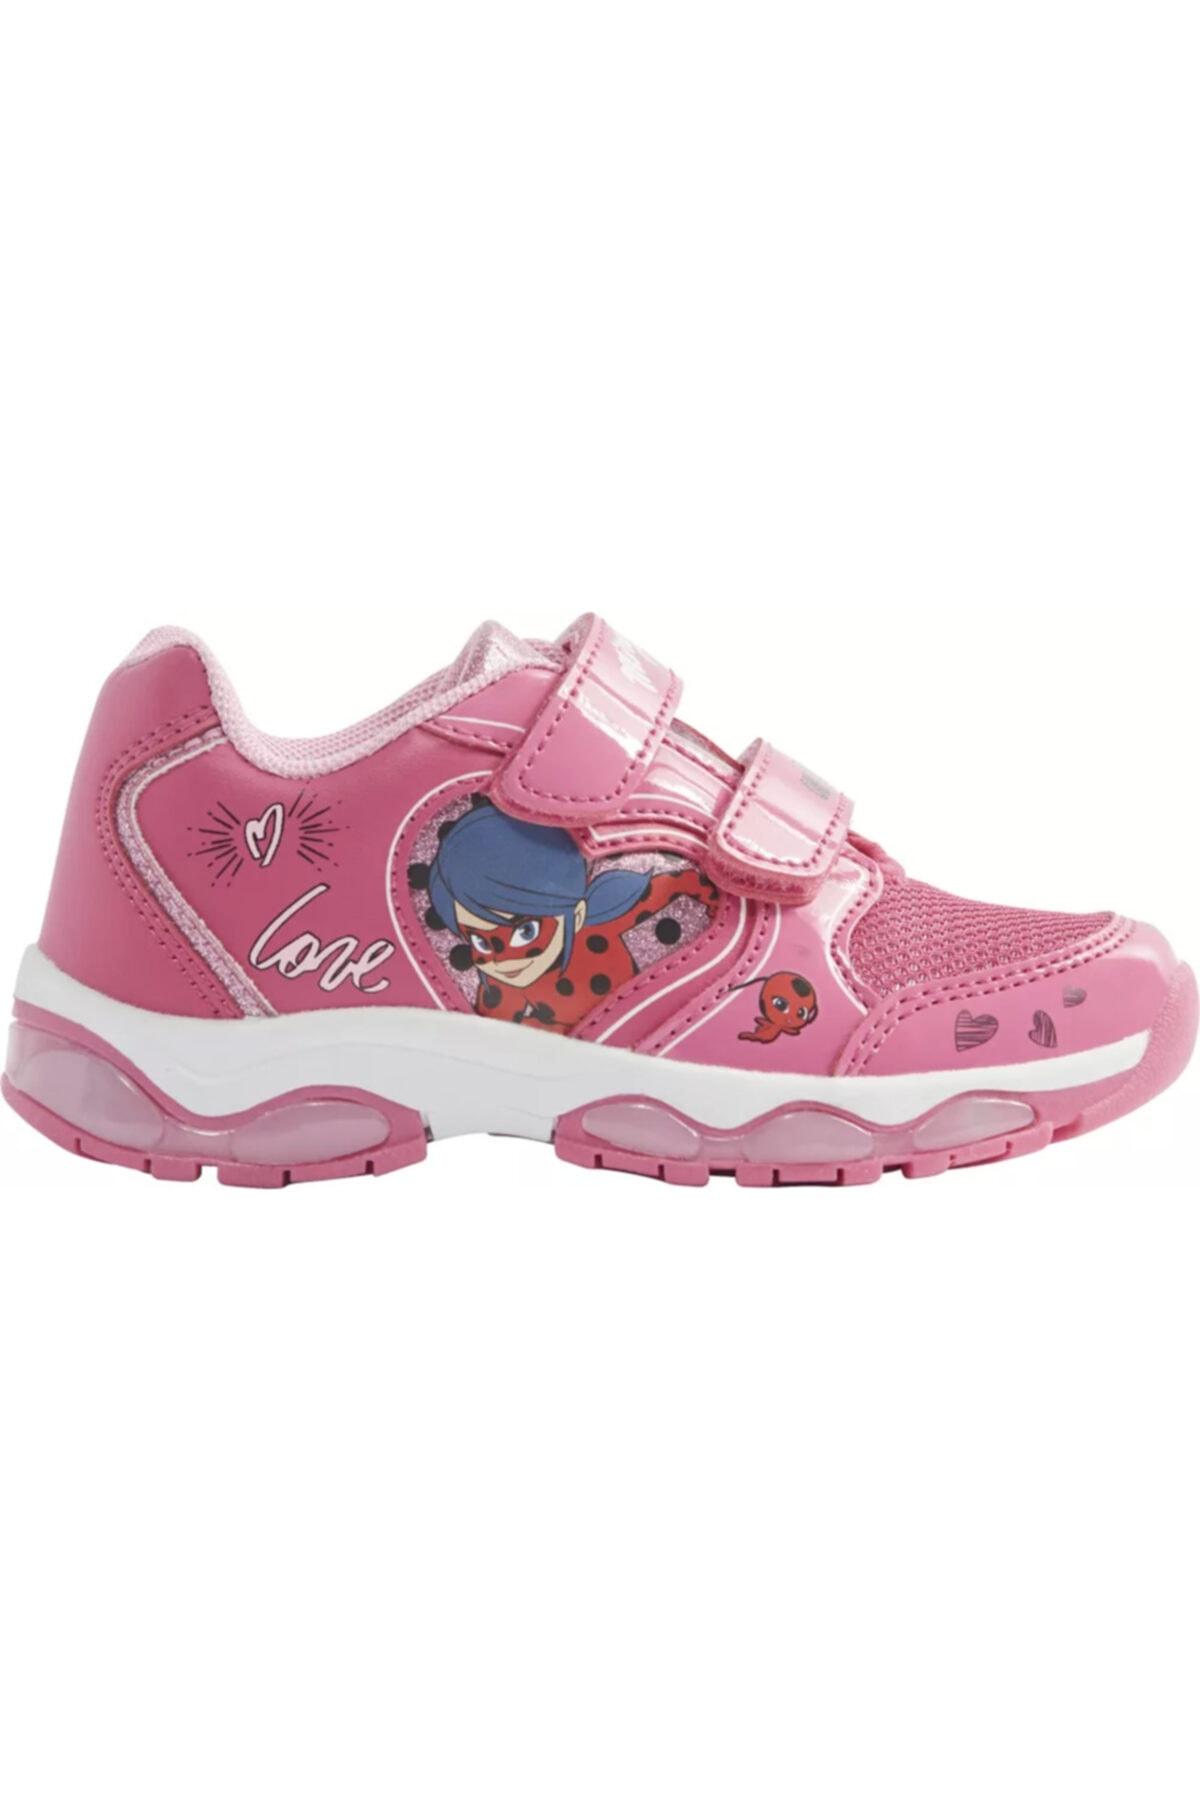 Miraculous Sneaker 2